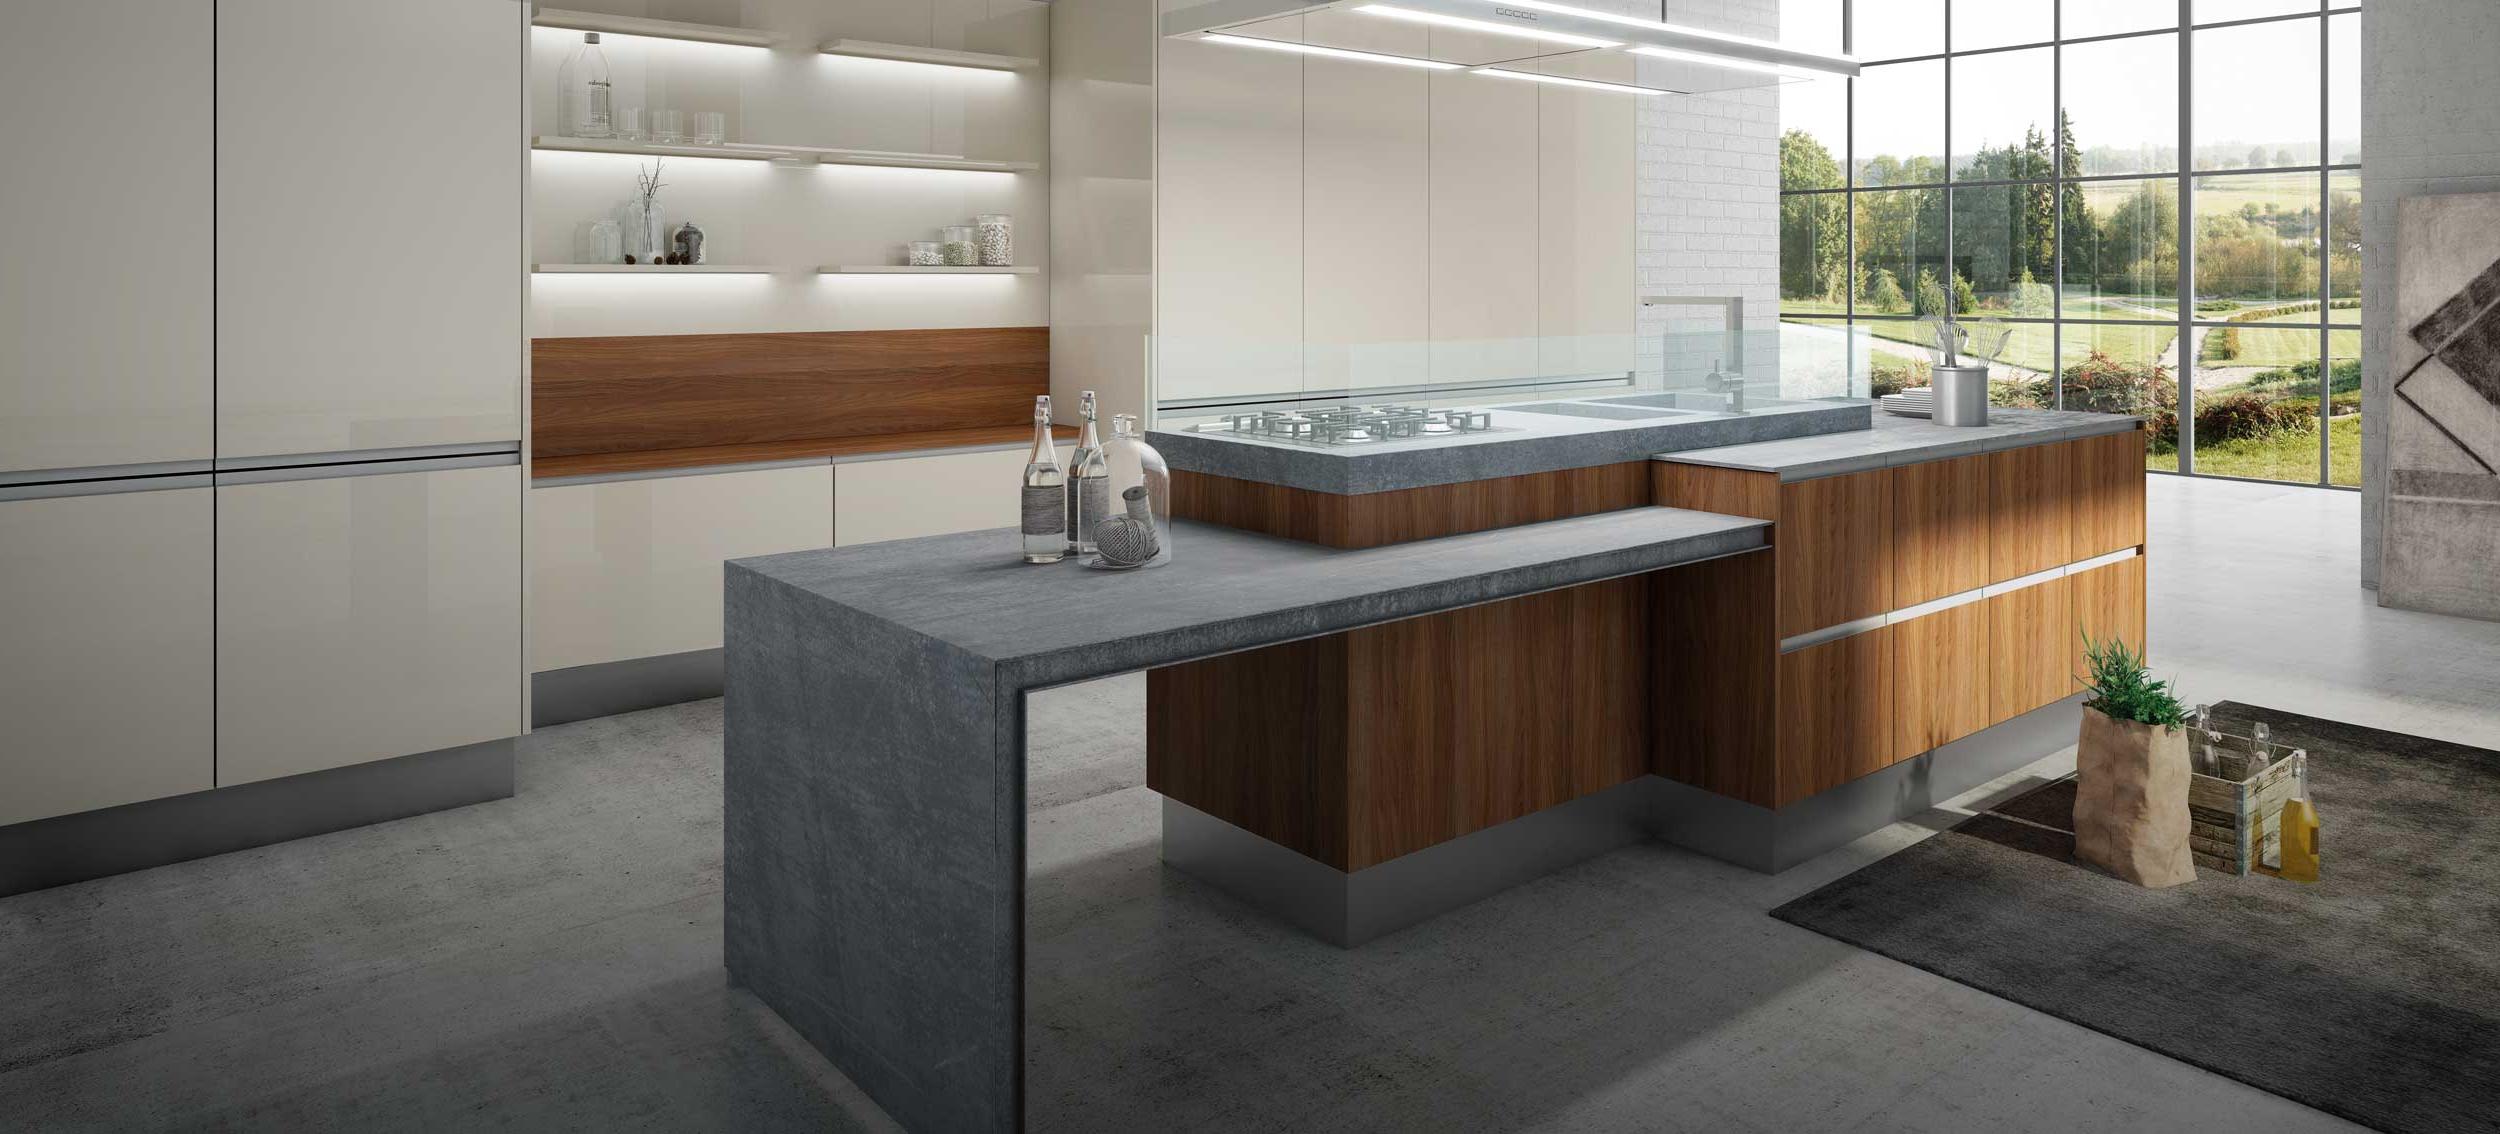 Precio Muebles De Cocina Whdr Cocinas Cocinas Y Muebles De Cocina De Calidad Al Mejor Precio